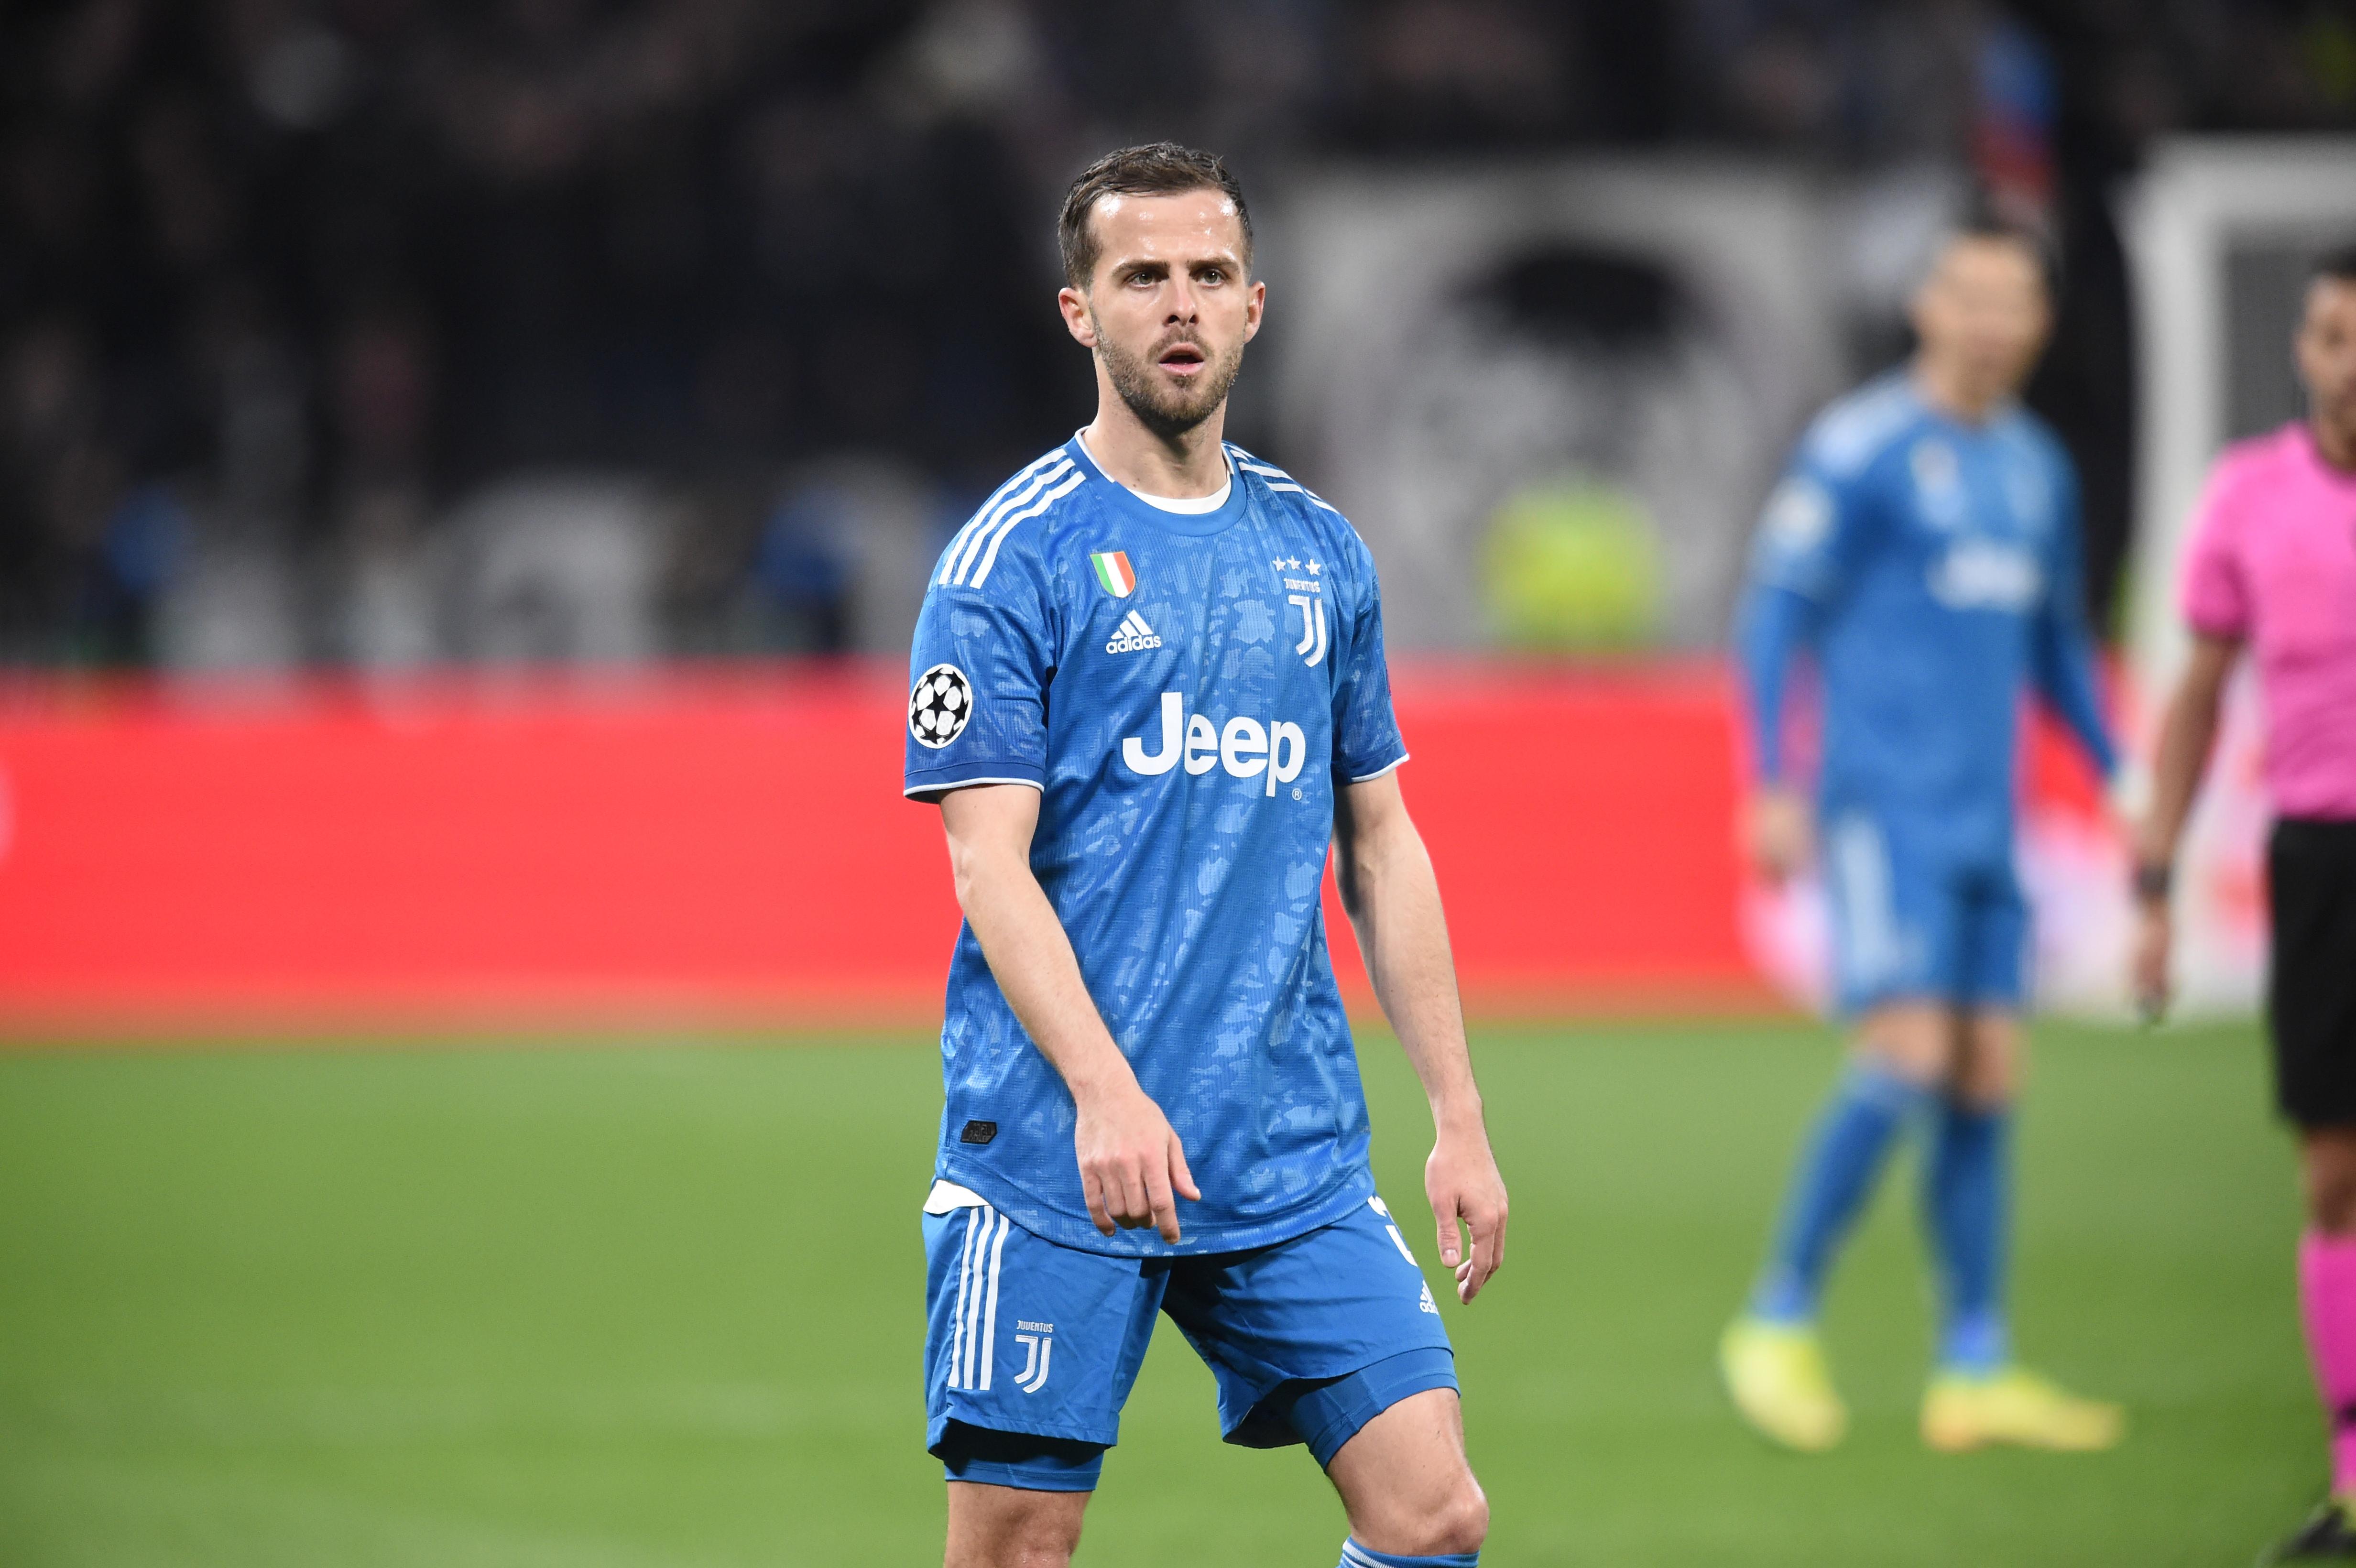 Football - Transferts - Le journal du mercato : Pjanic bientôt au Paris Saint-Germain ?